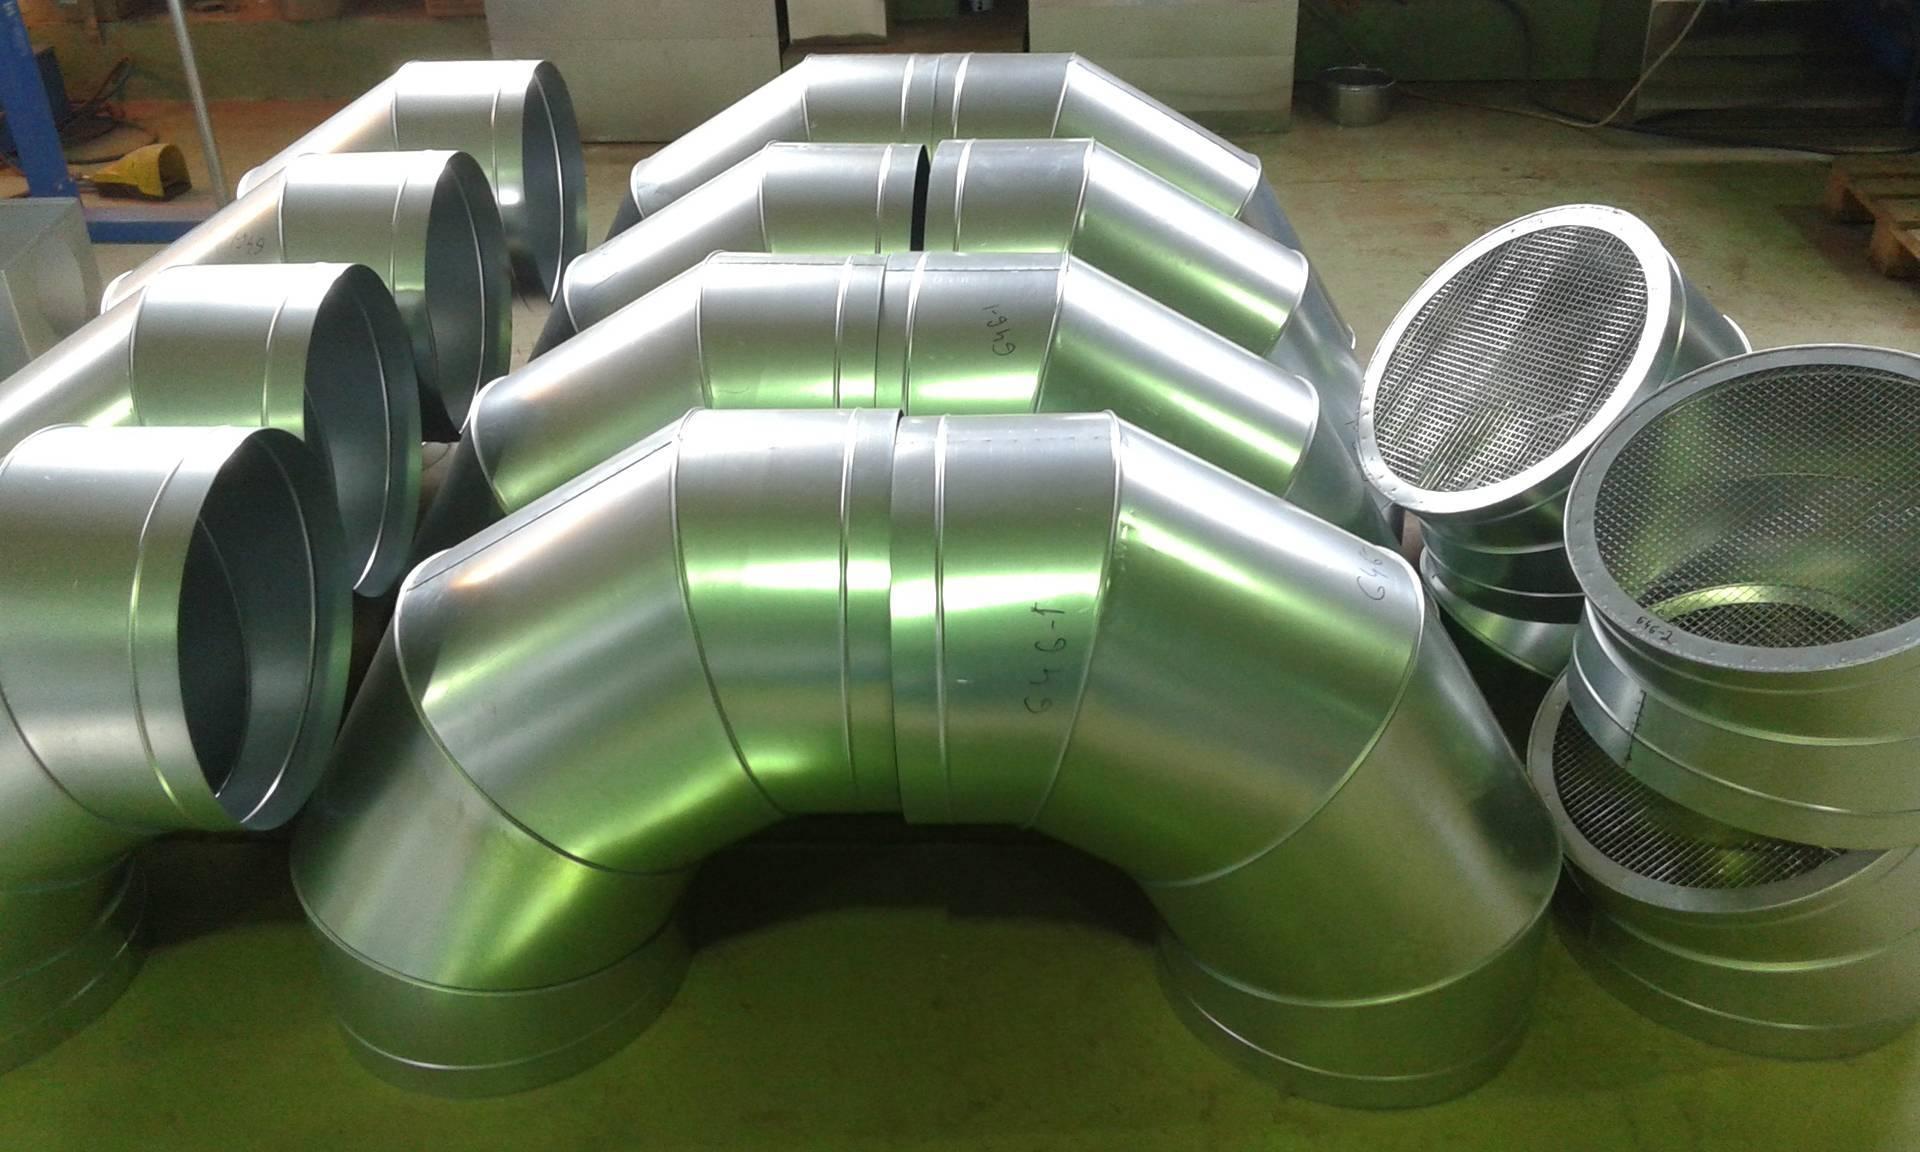 Оцинкованные воздуховоды для вентиляции: изготовление прямоугольных вентиляционных коробов из стали и их вес, каналы из оцинковки